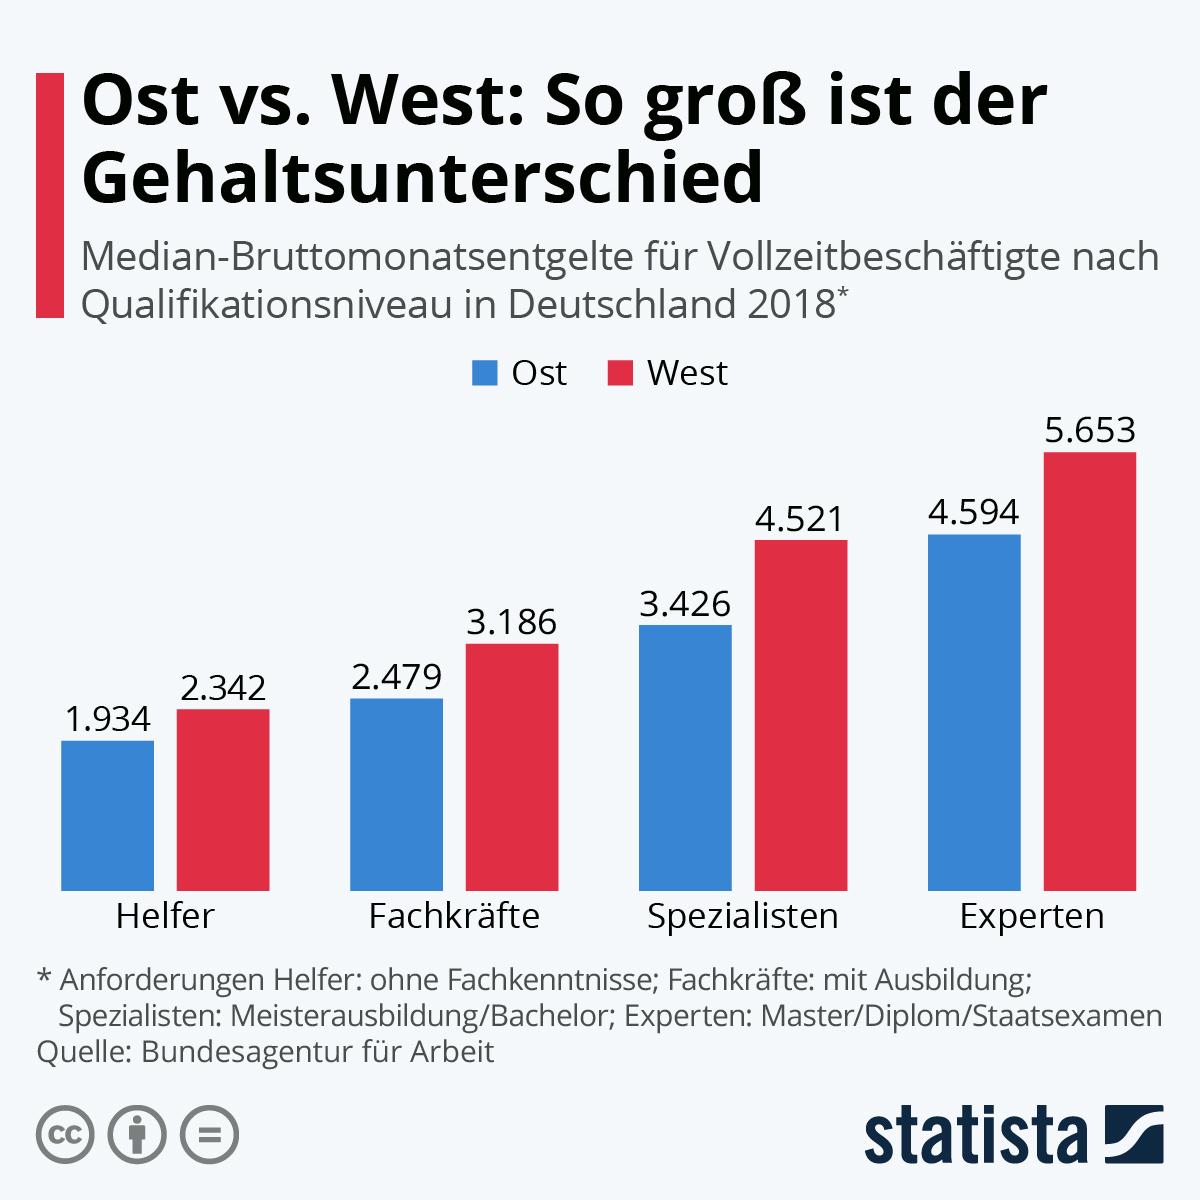 Infografik: Gehalt: So groß ist der Unterschied zwischen Ost und West | Statista